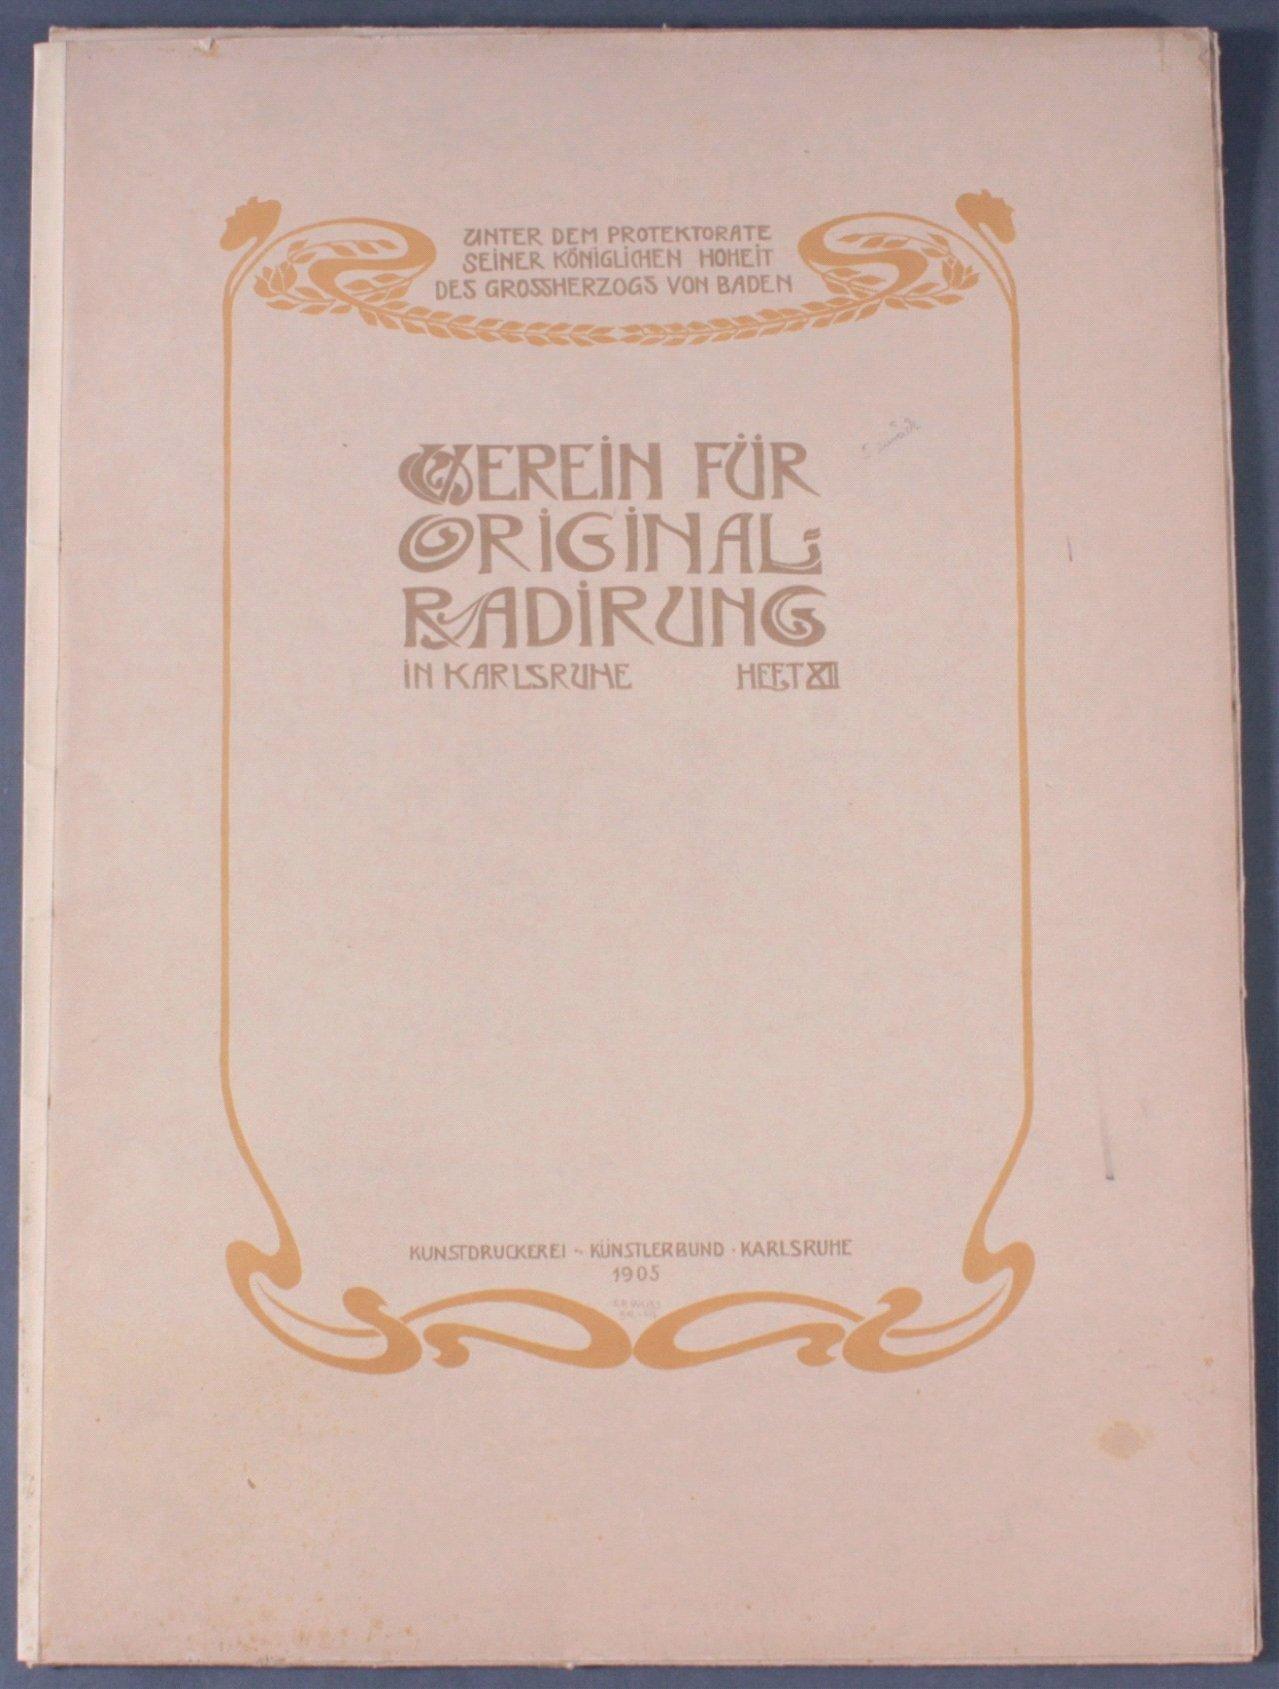 Verein für Original-Radierung Karlsruhe. Heft XII, 1905